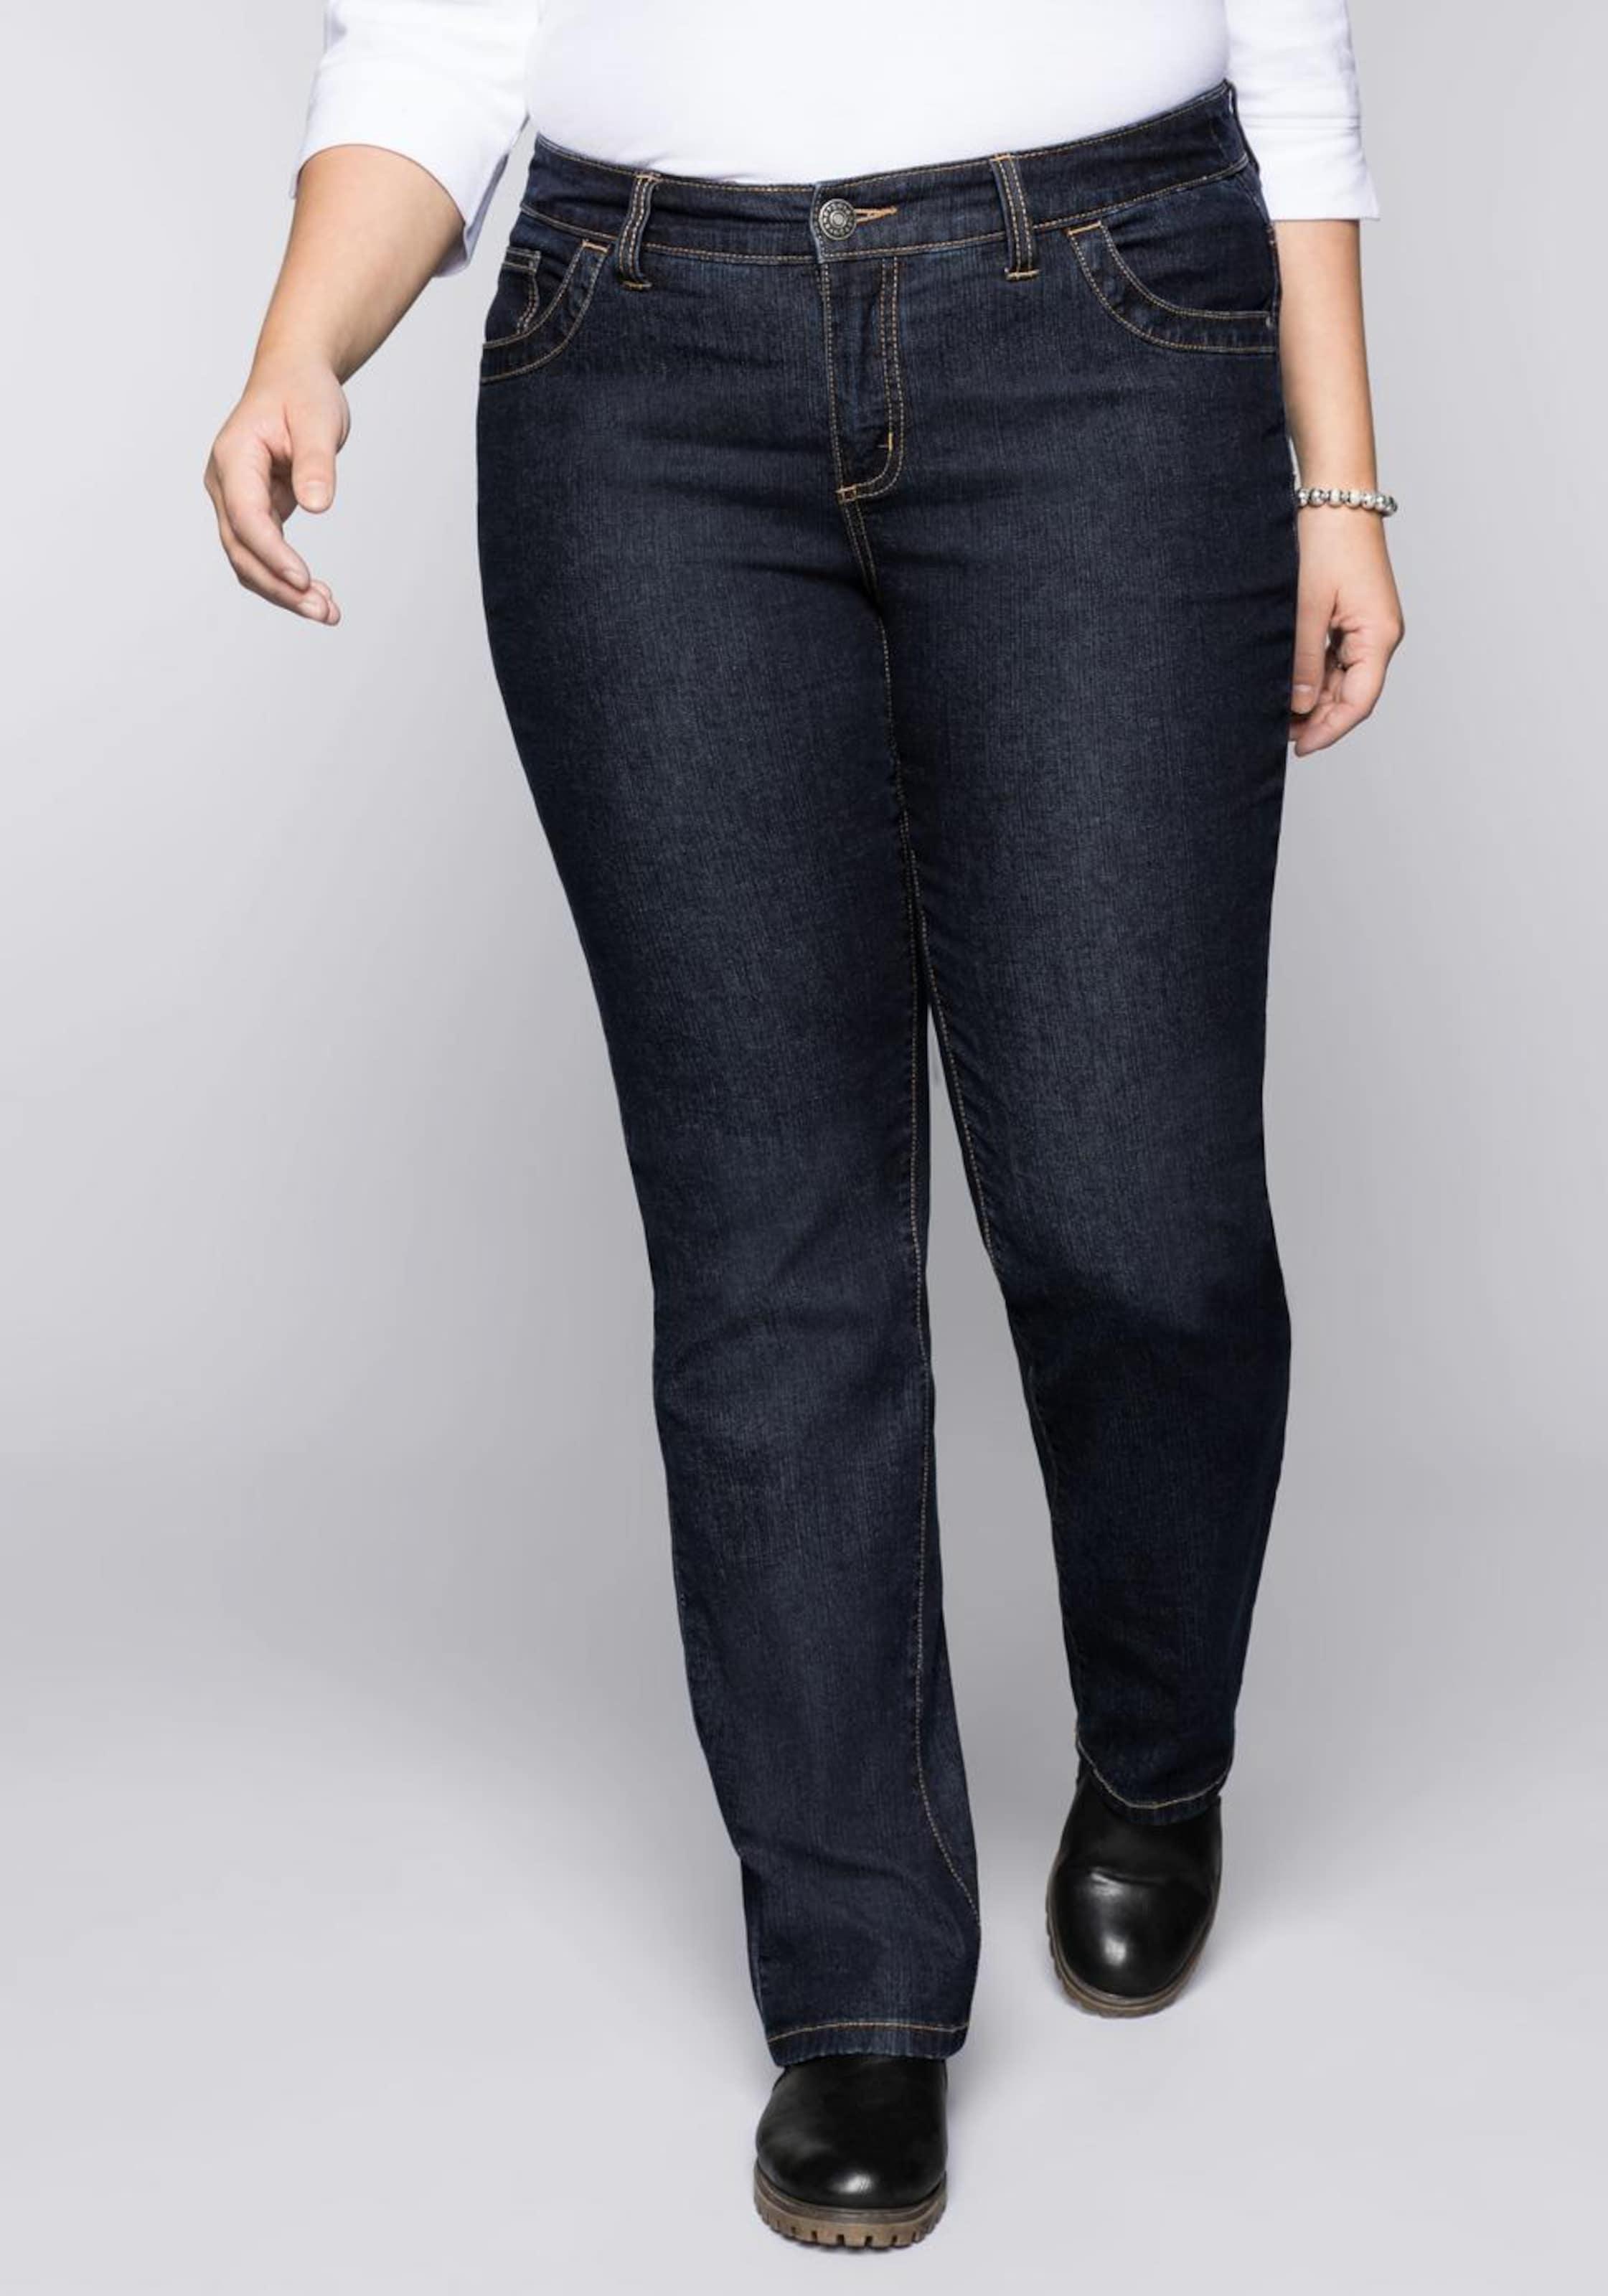 In Jeans Sheego Dunkelblau Dunkelblau Sheego Jeans Sheego Jeans Jeans Sheego In Dunkelblau In Nk8nOwP0X